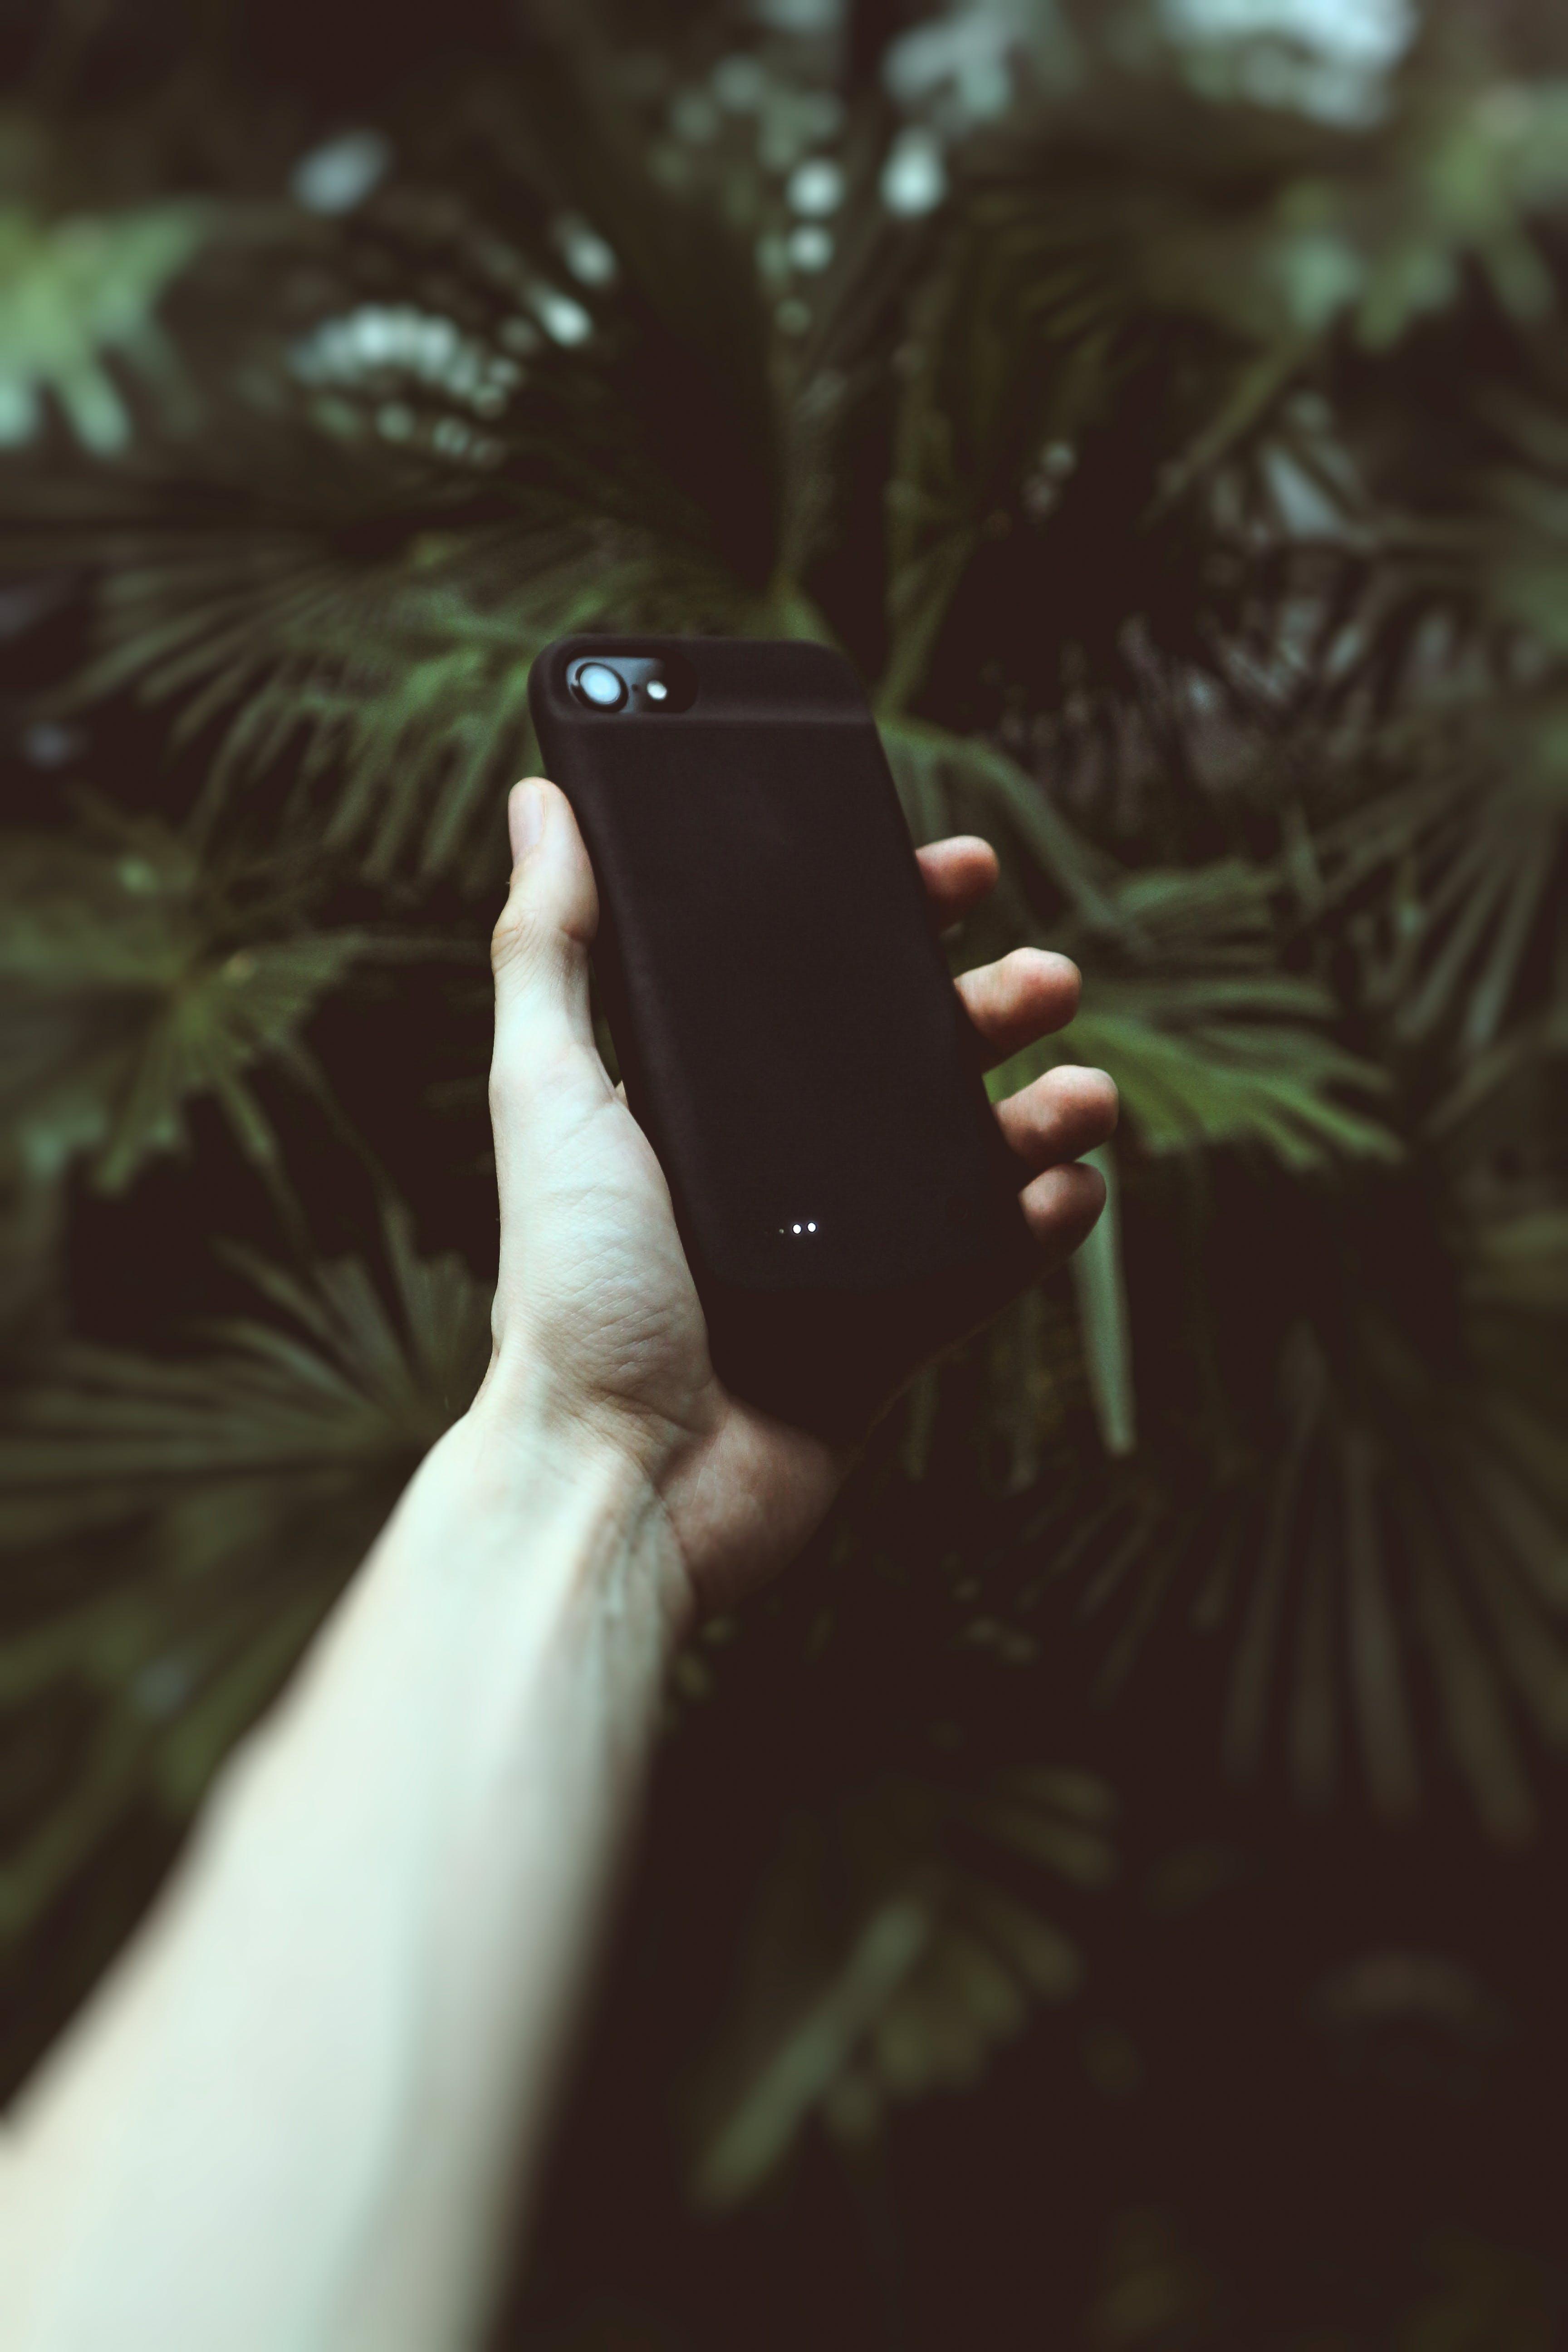 Kostnadsfri bild av bärbar, dag, dagsljus, digital enhet